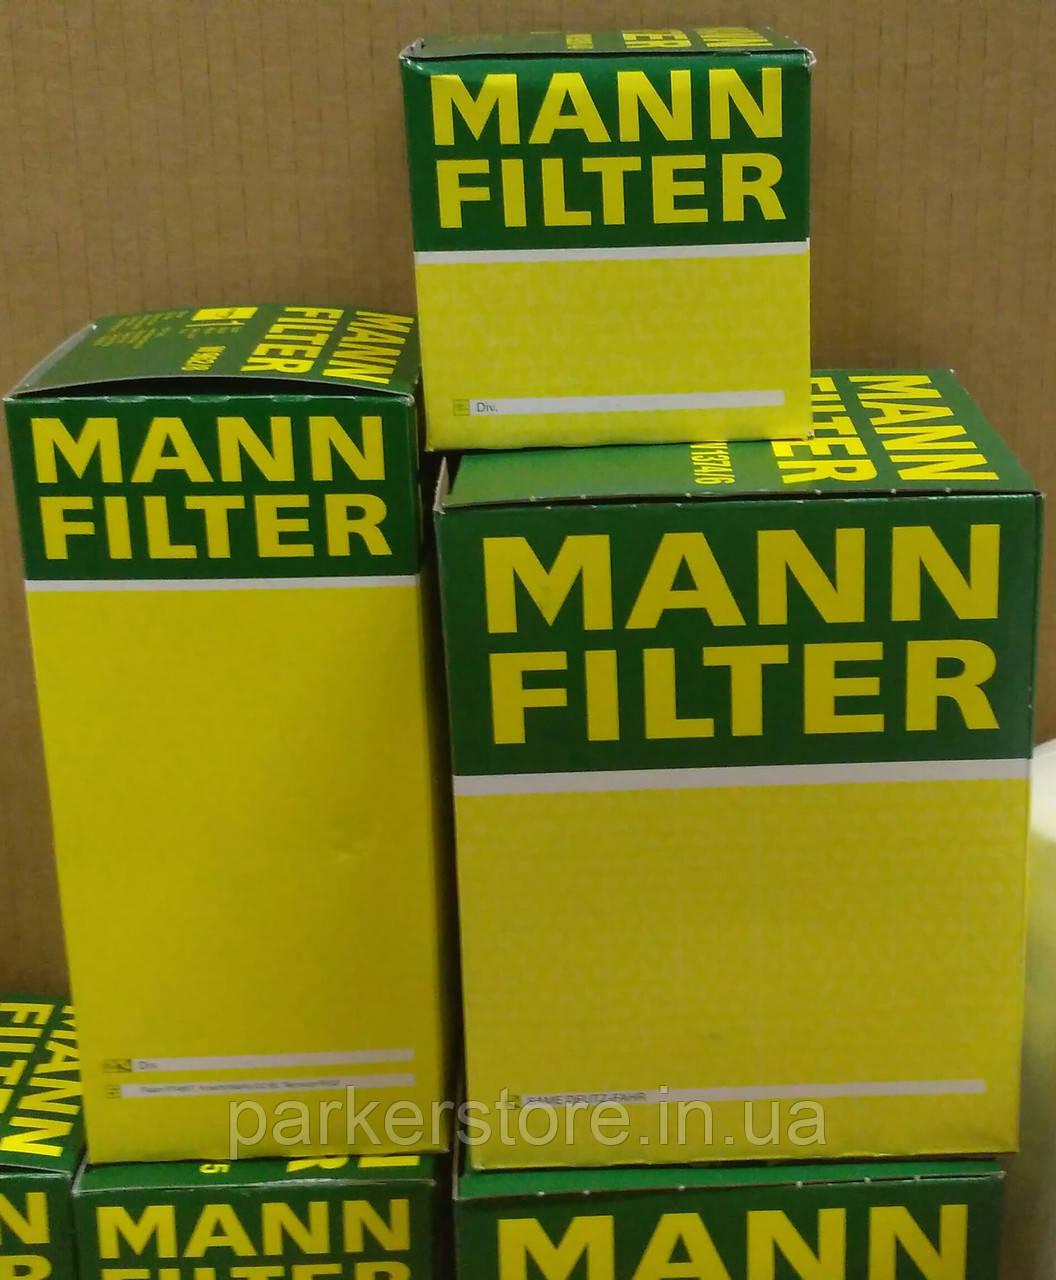 MANN FILTER / Воздушный фильтр / C 23 513/1 / C23513/1